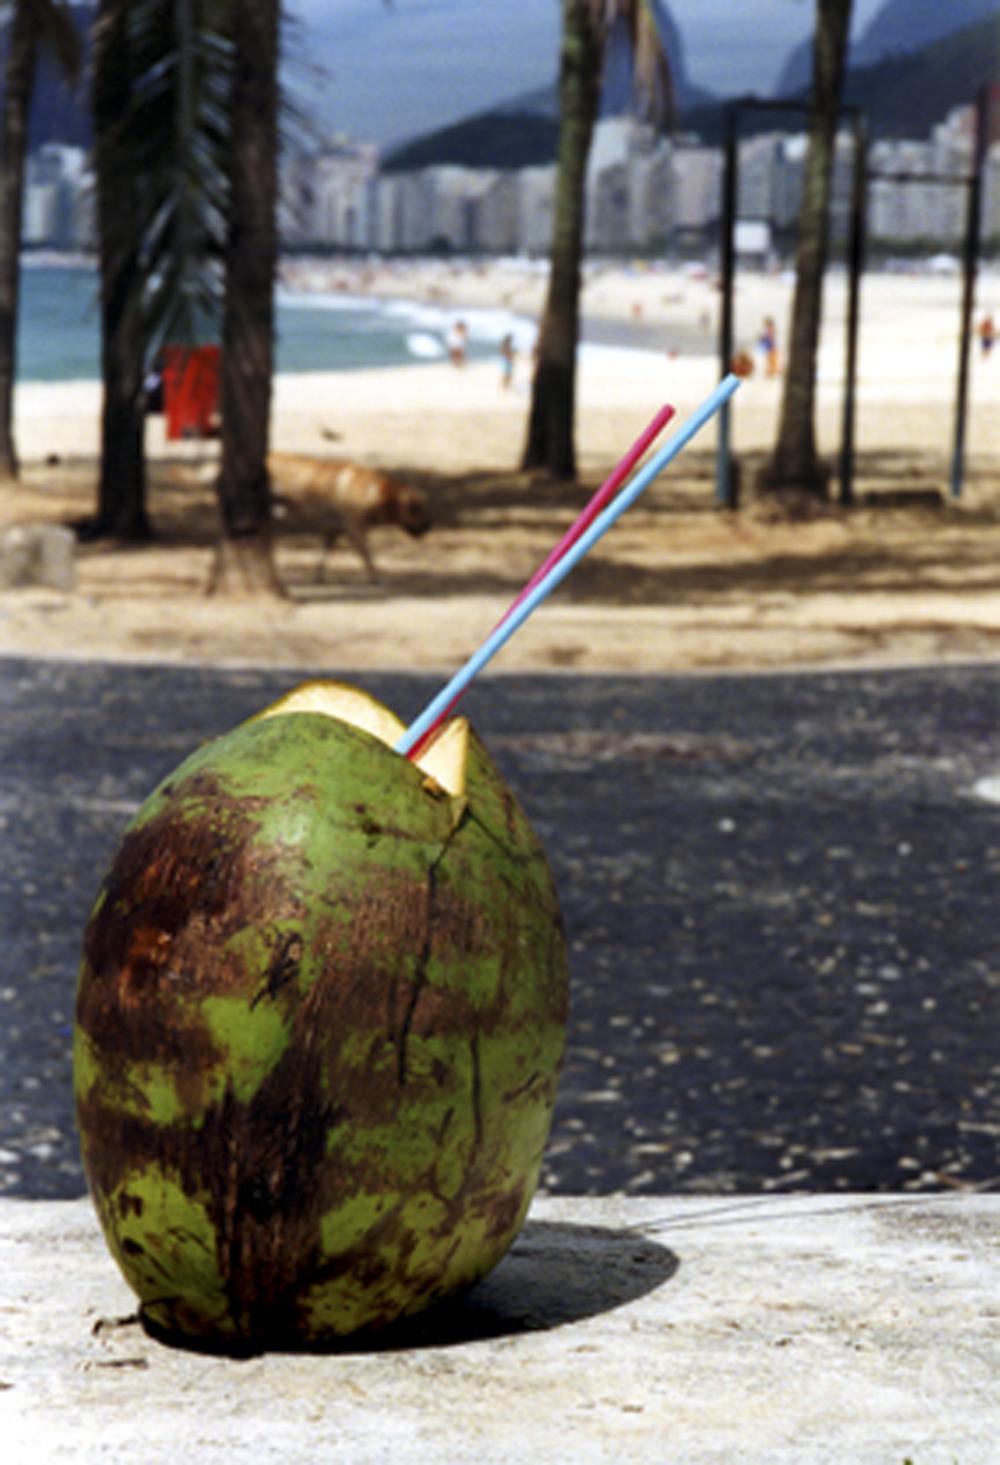 BRAZIL, Rio De Janeiro, coconut